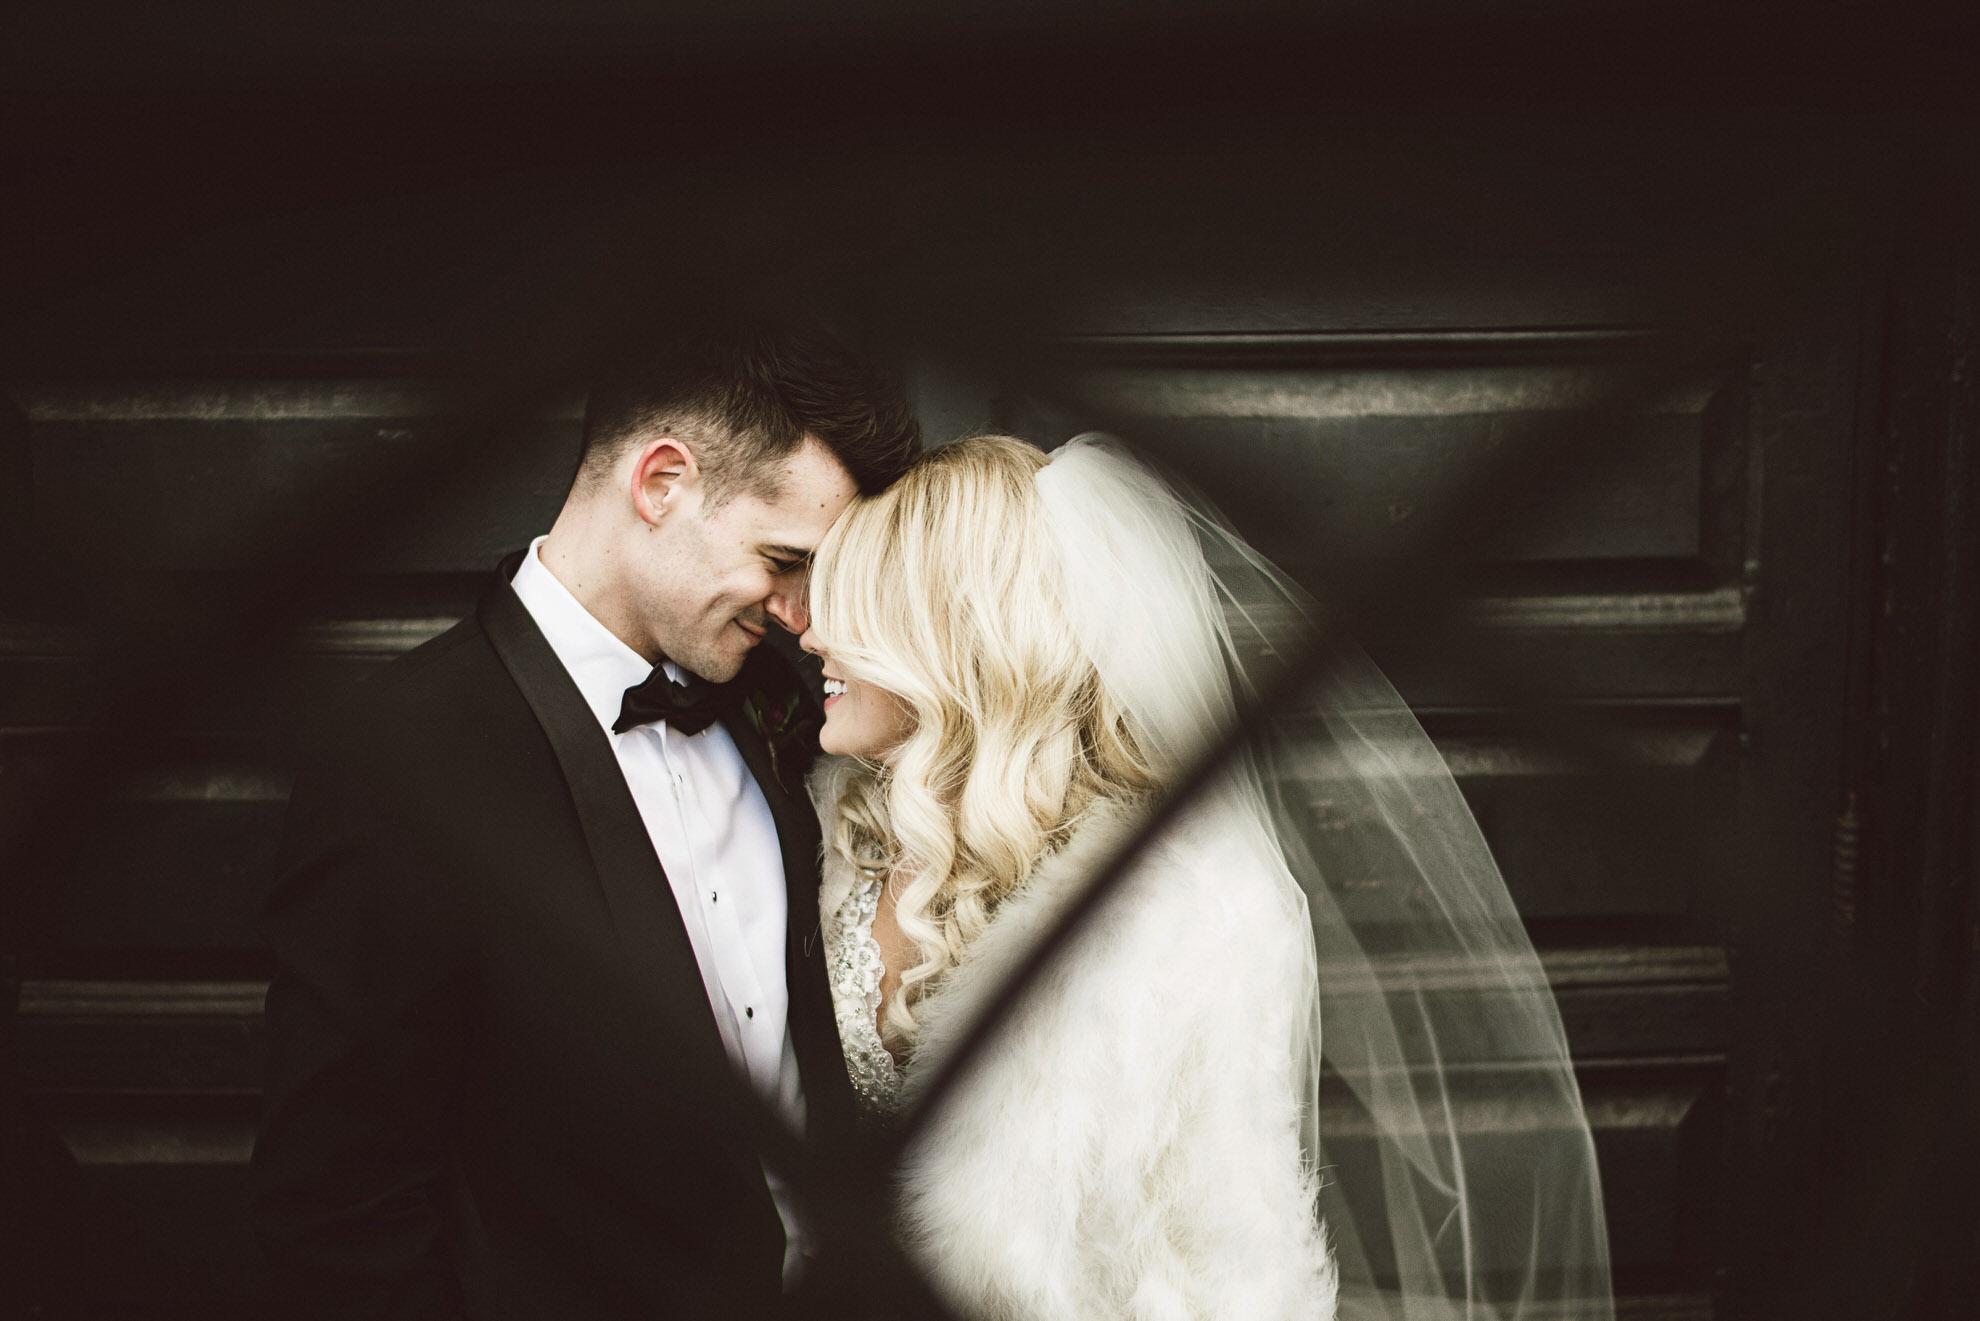 erika_Alex_wedding_by_lucas_botz_photography_0214.jpg